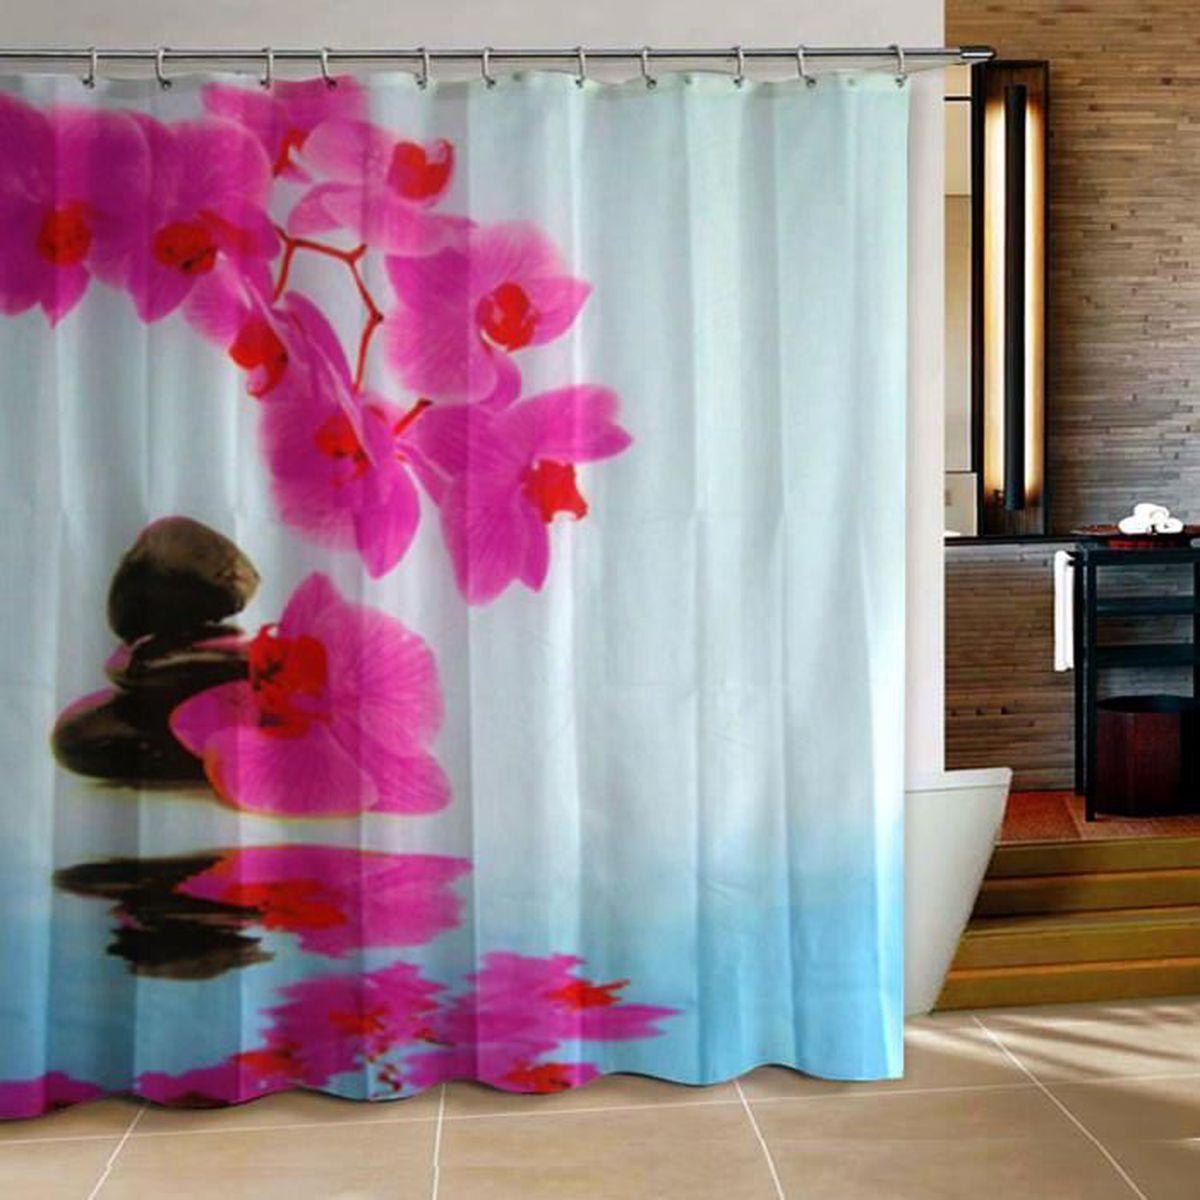 Rideau De Douche D Orchidee Impermeable 12 Crochets Salle De Bains